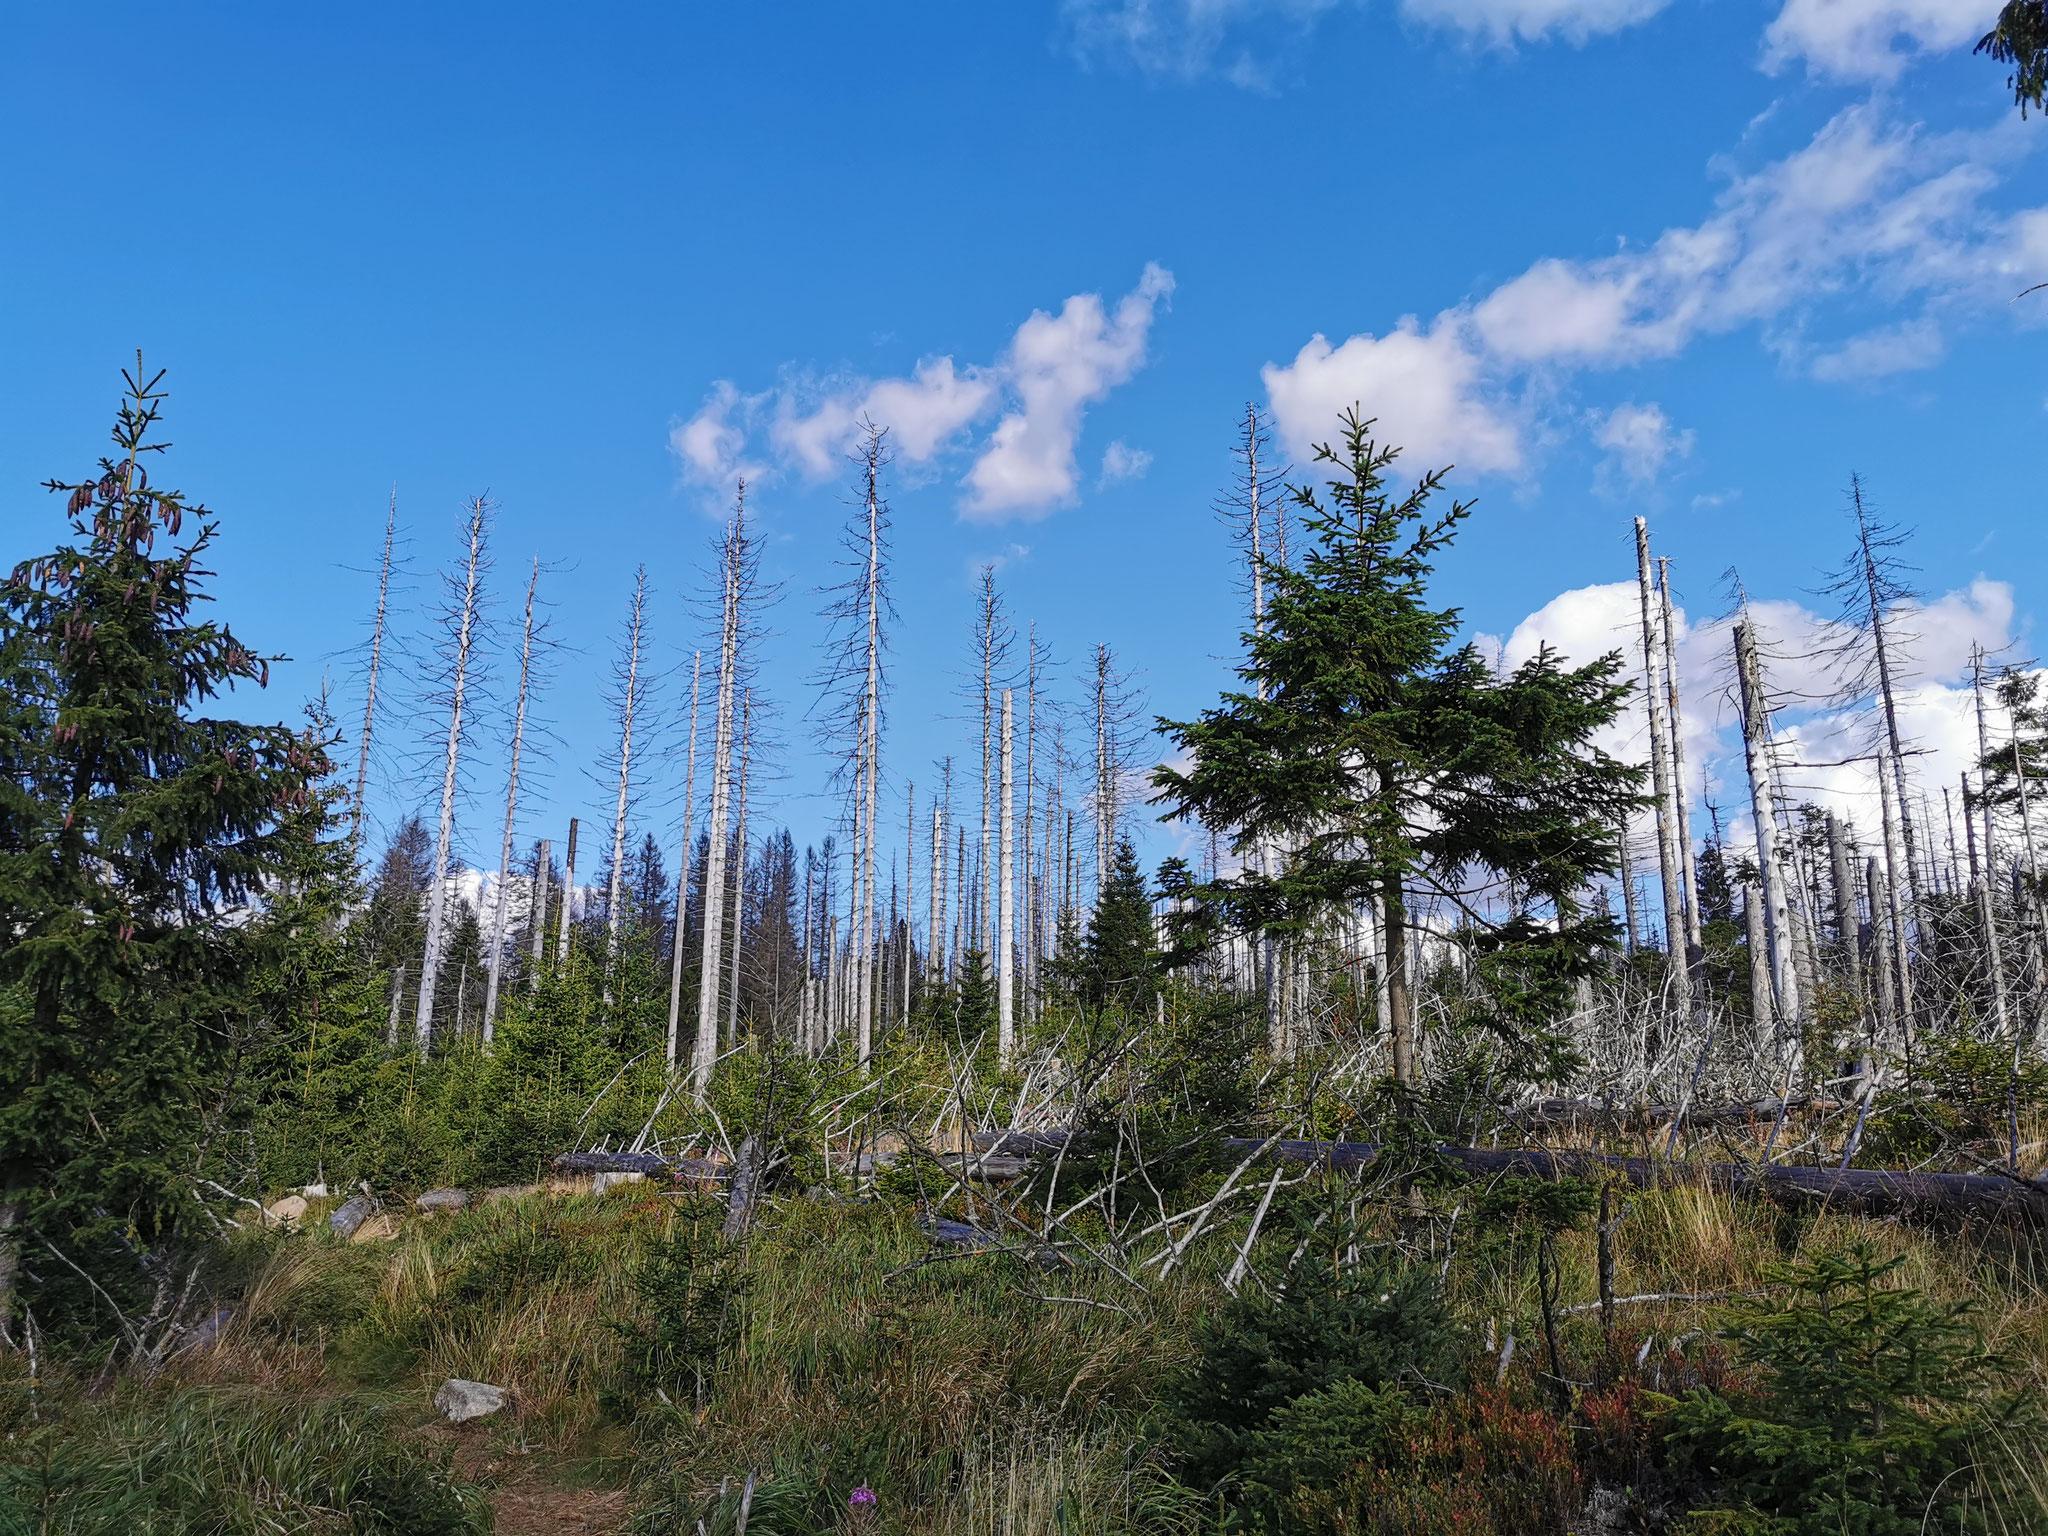 Abgestorbenen Bäume, aufgrund der Ausbreitung des Moores und der Borkenkäfer